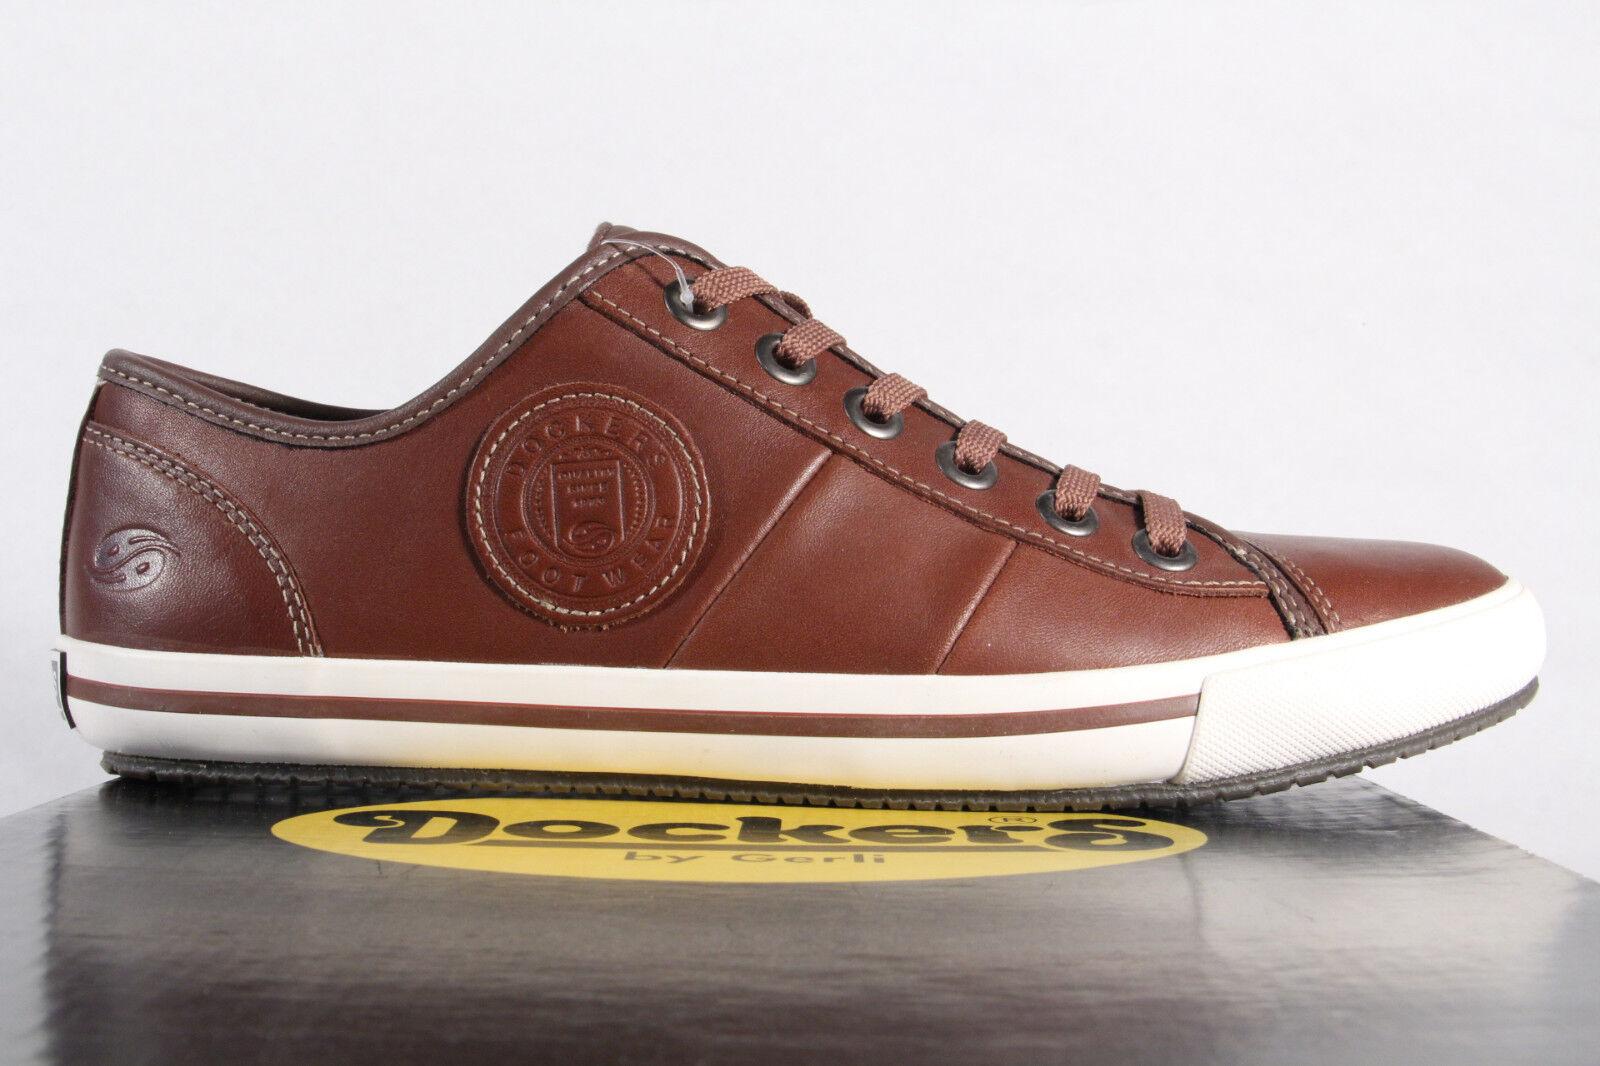 nett Dockers Schuhe günstig online kaufen auf FIcRQTMF